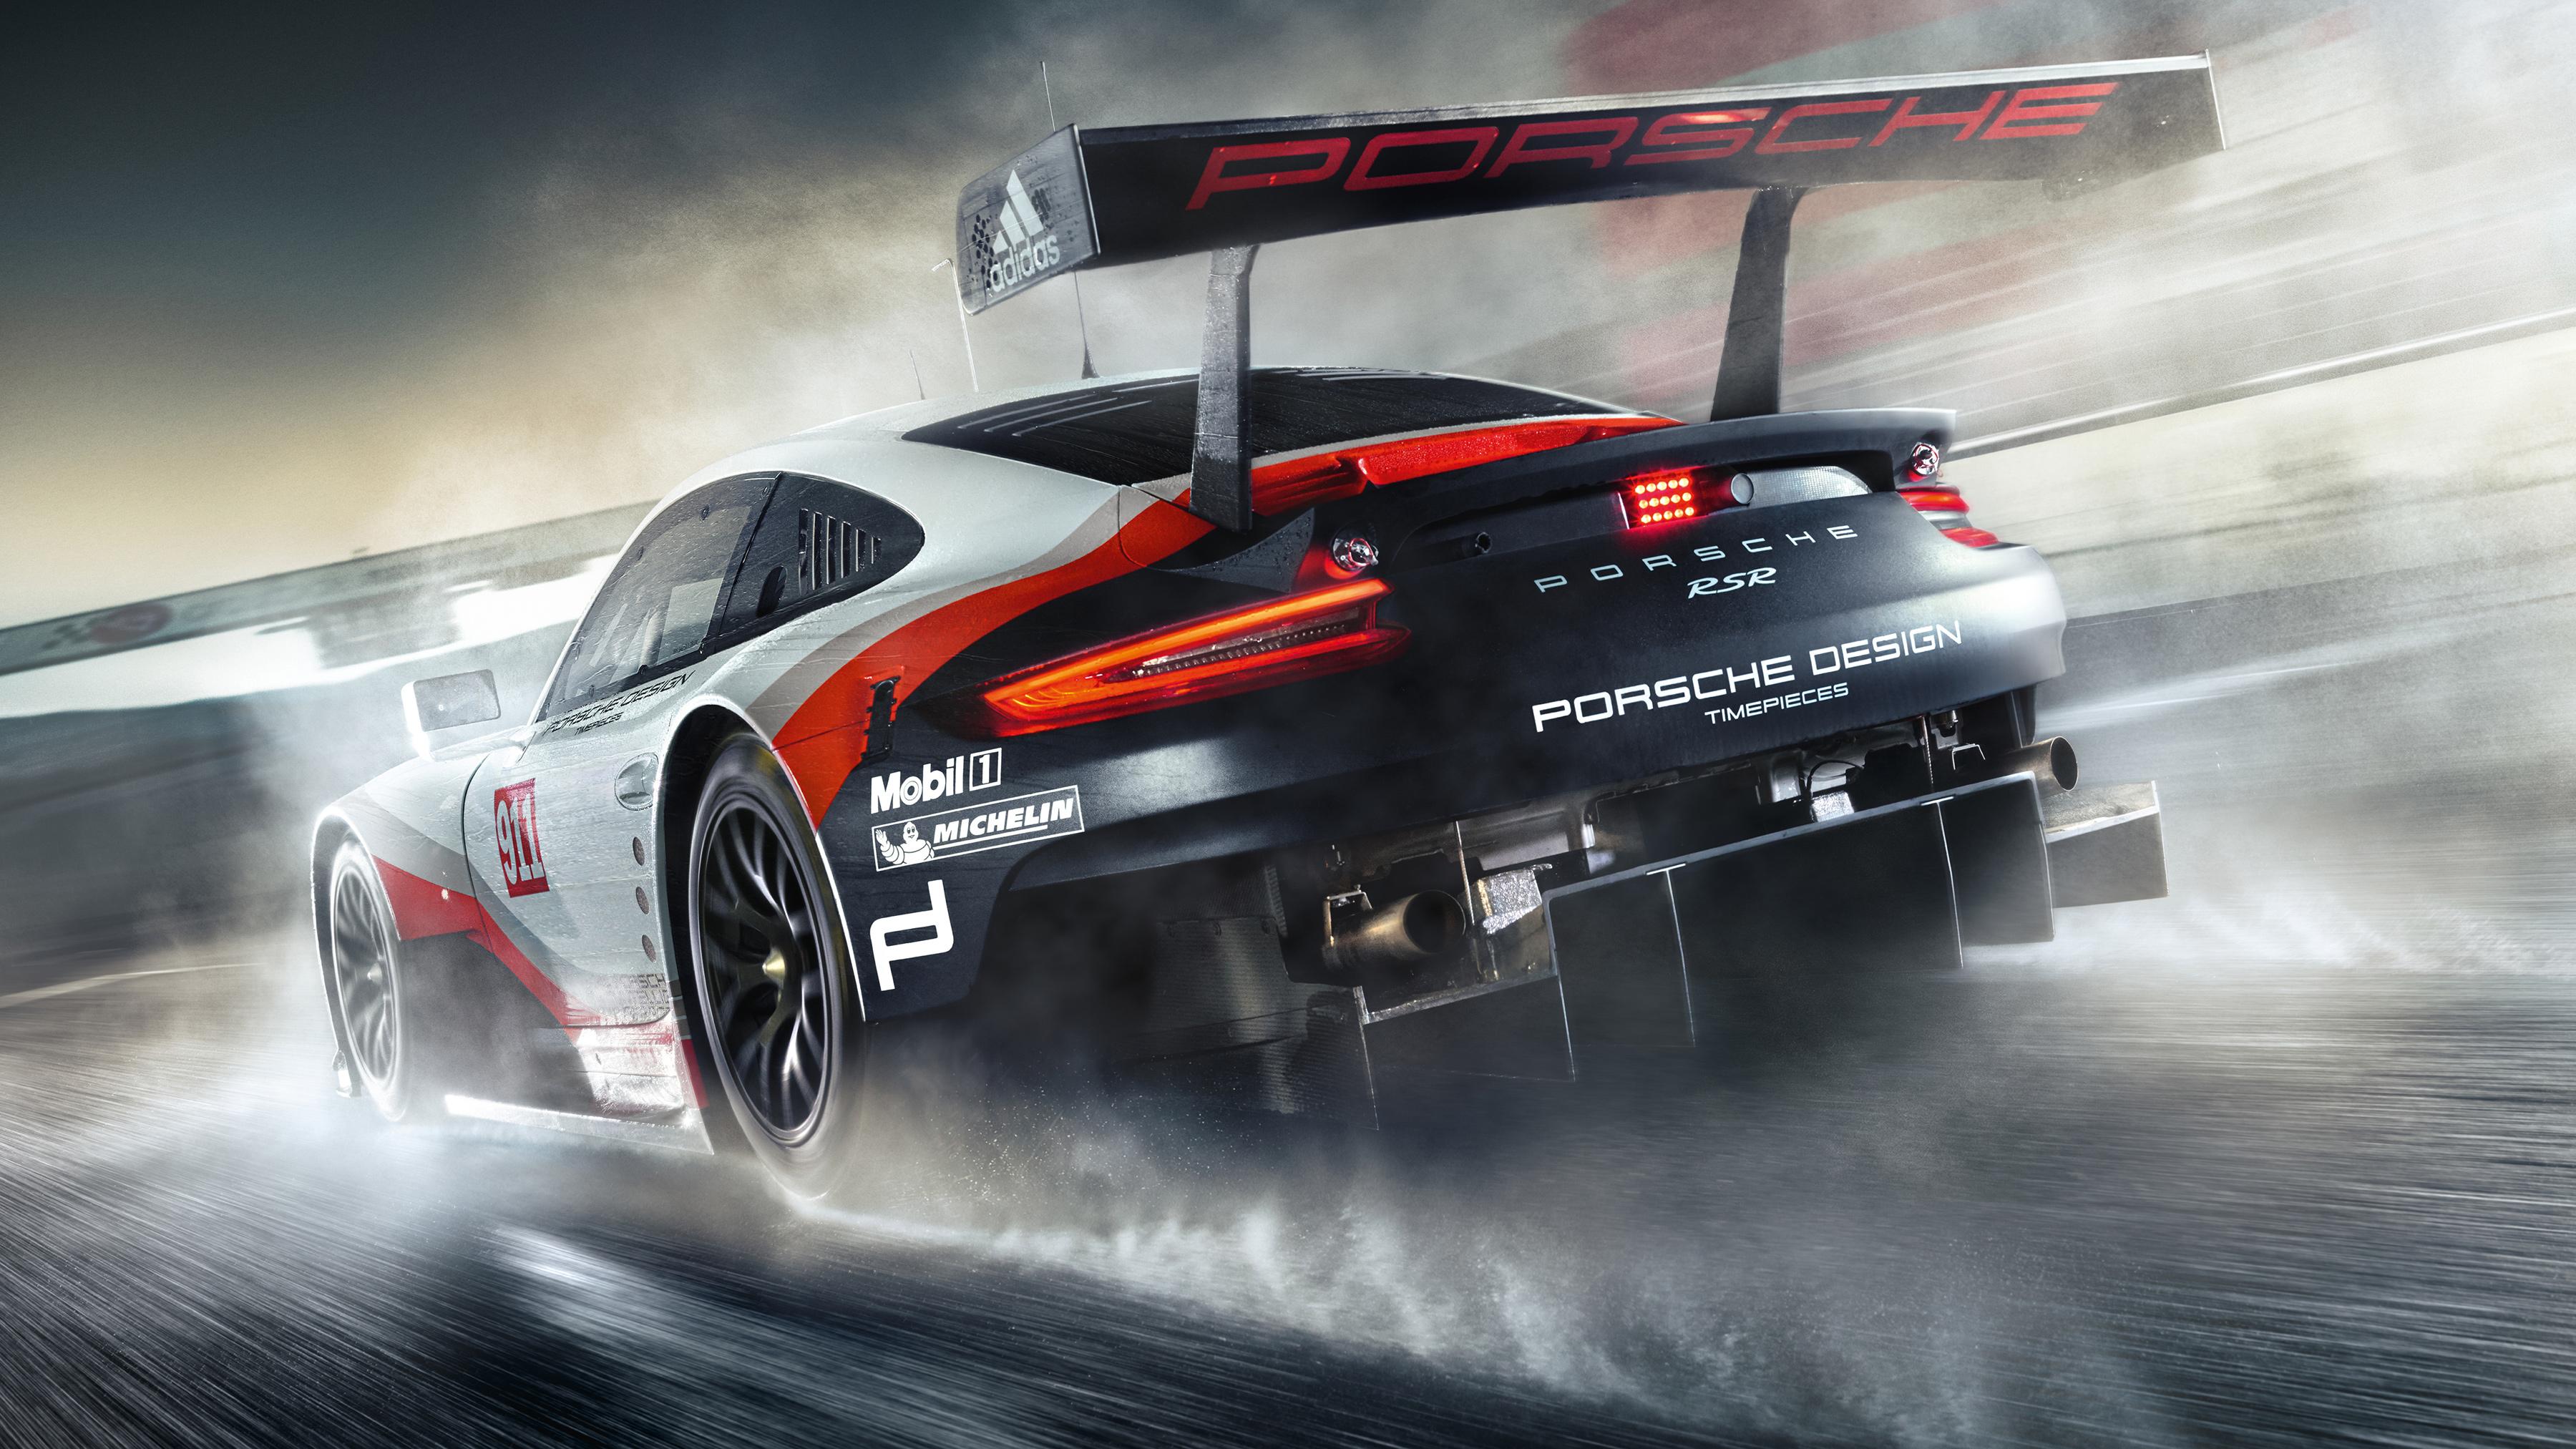 4k Porche Carrera Gt Wallpaper: Porsche 911 RSR Porsche Design 4K Wallpaper